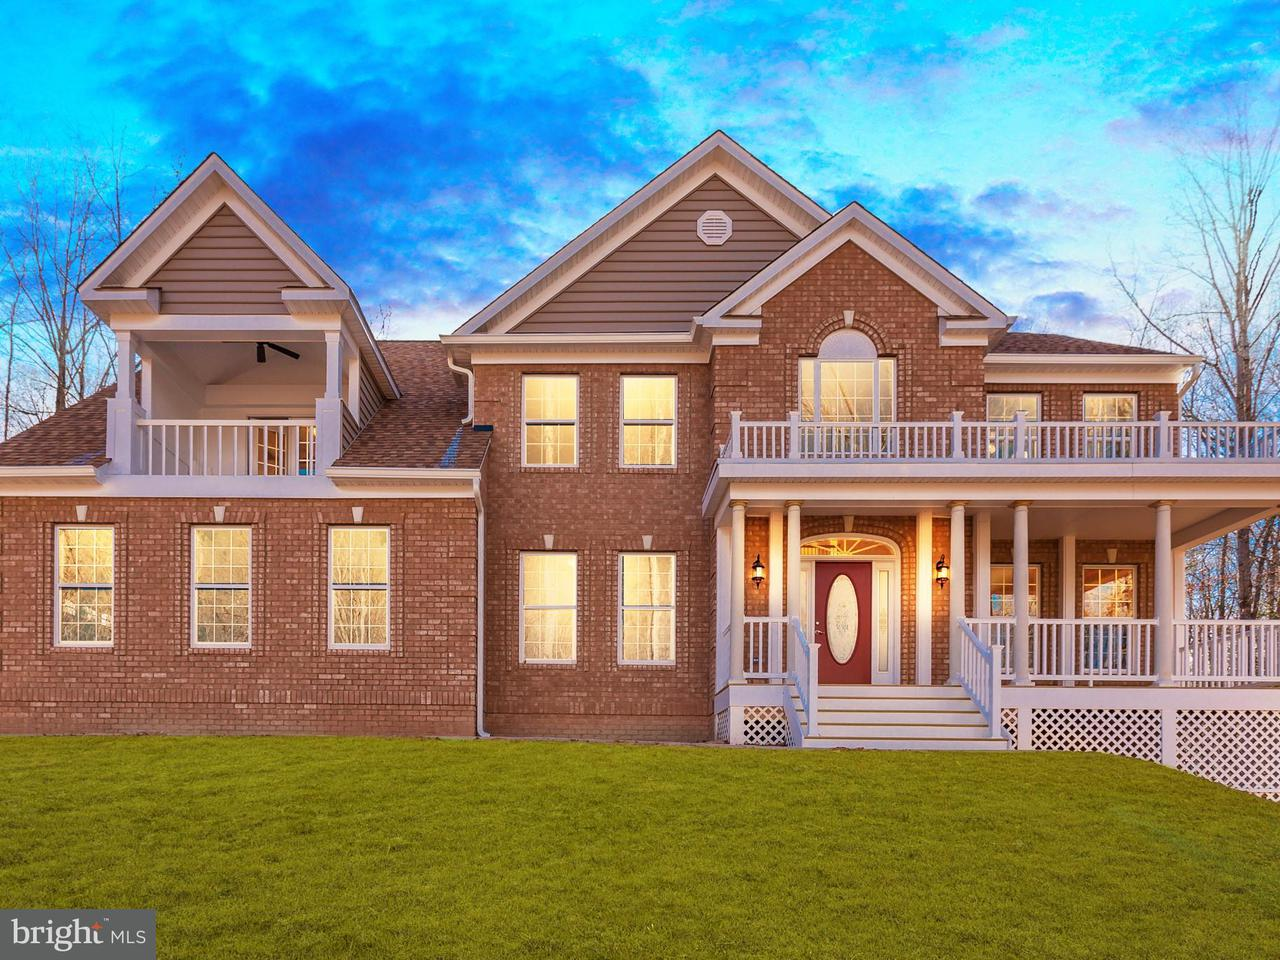 Casa Unifamiliar por un Venta en 501 Graceview Lane 501 Graceview Lane Stafford, Virginia 22556 Estados Unidos